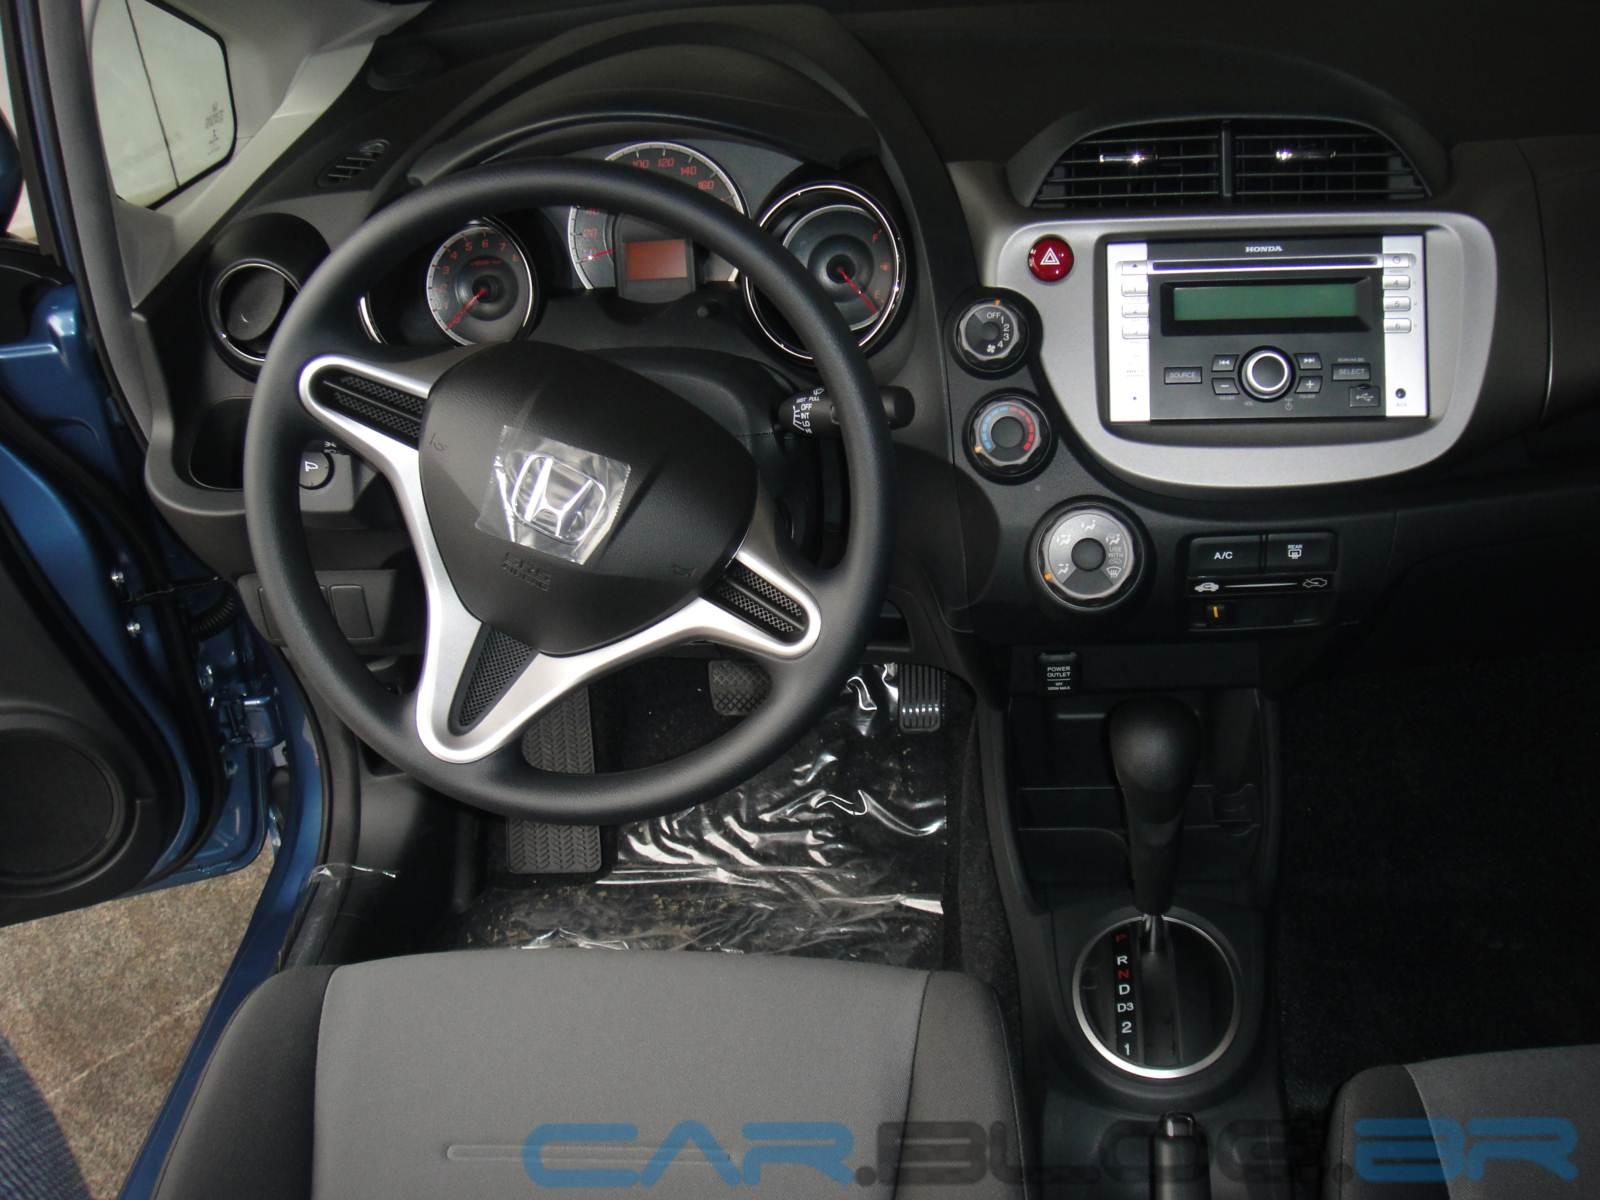 Honda Fit Lx >> Honda Fit Twist Automático tem preço de R$ 60.900 reais | CAR.BLOG.BR